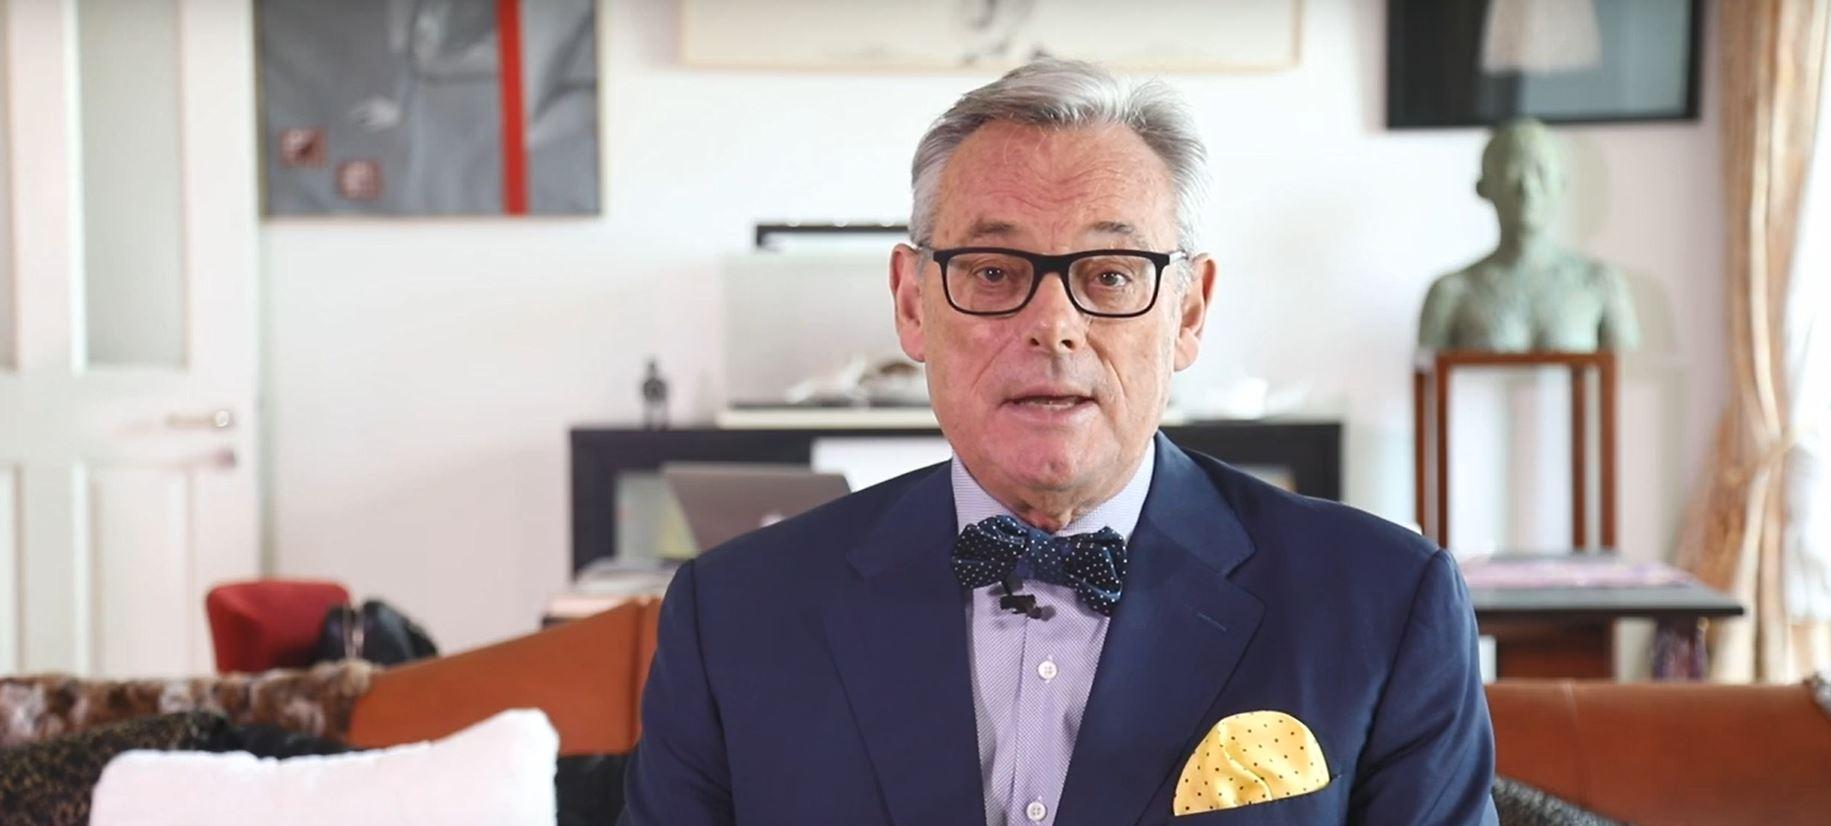 Geoff interview